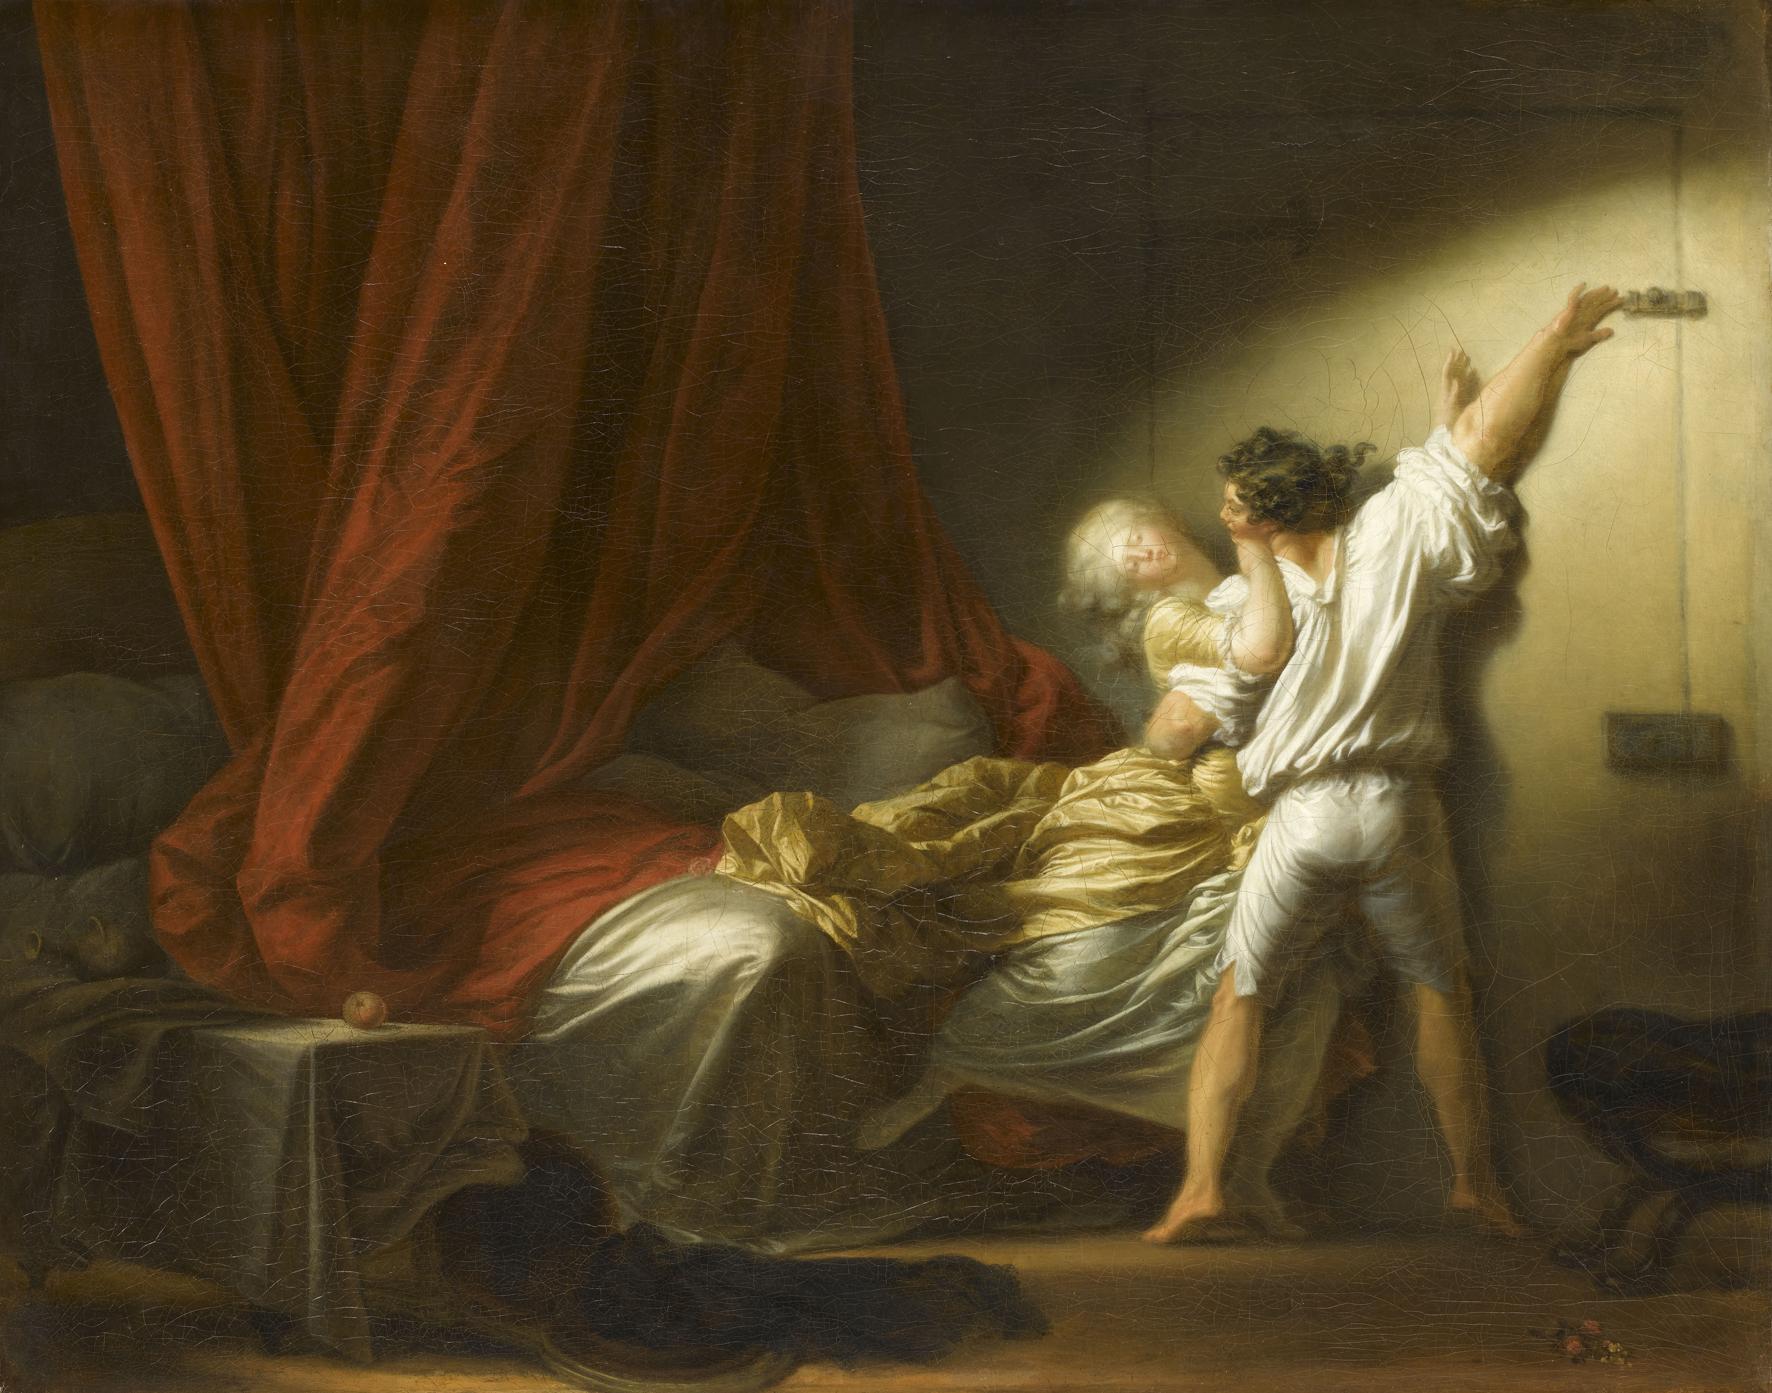 Le verron, Fragonard